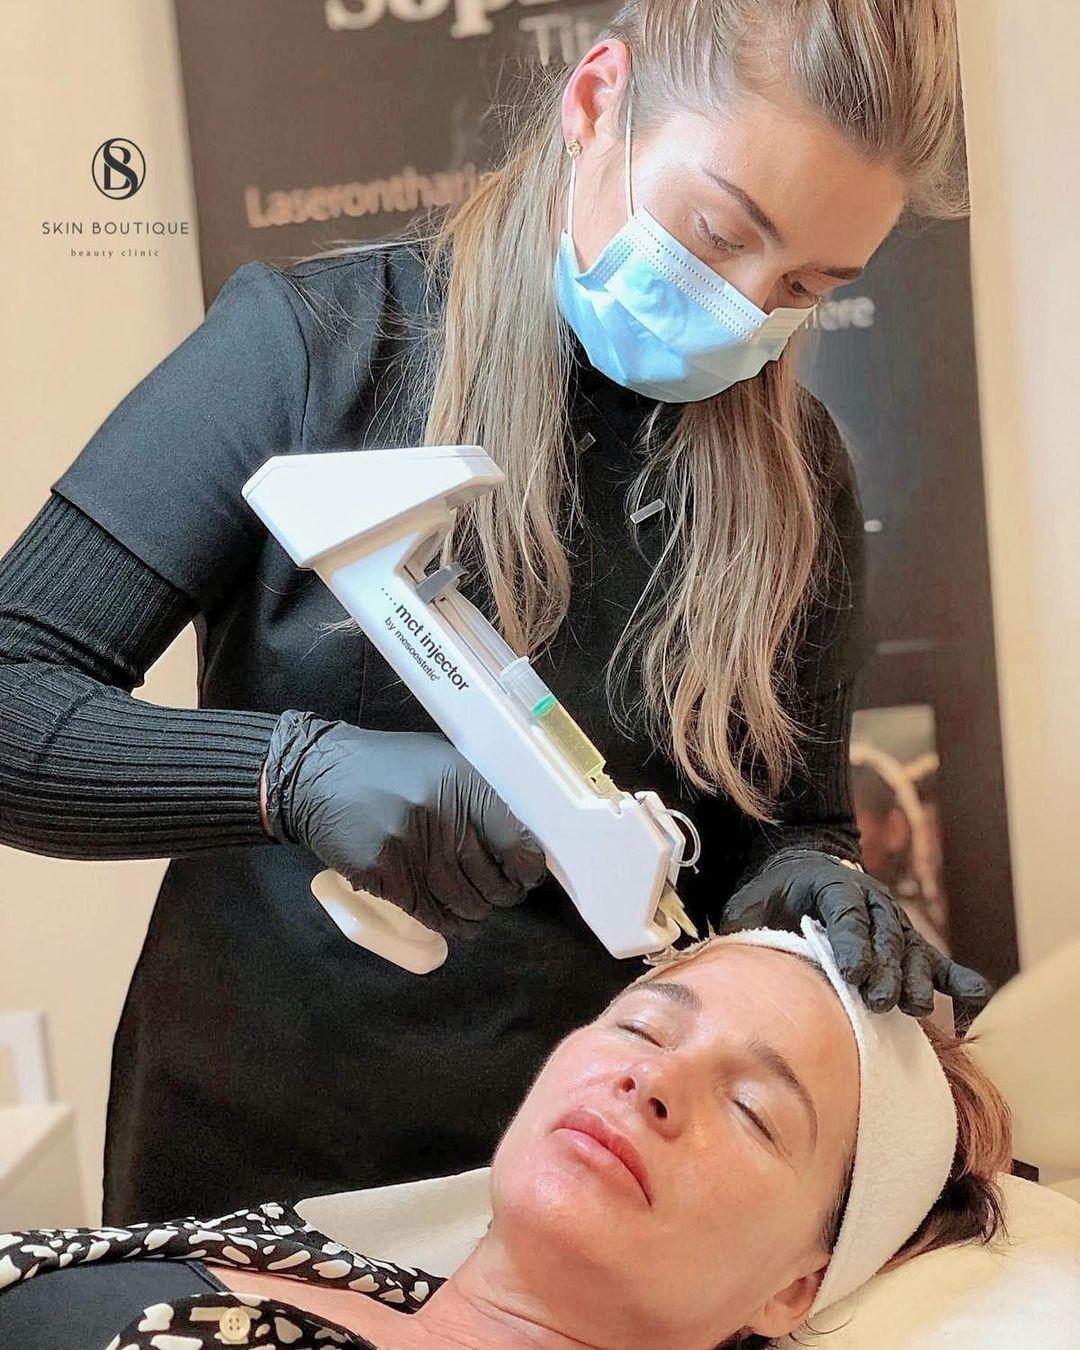 Phương pháp tiêm nghìn lỗ trên mặt: Chục triệu đổ vào 1 mũi nhưng chuyên gia chăm sóc da lại chỉ ra 1 điều nguy hại - Hình 2